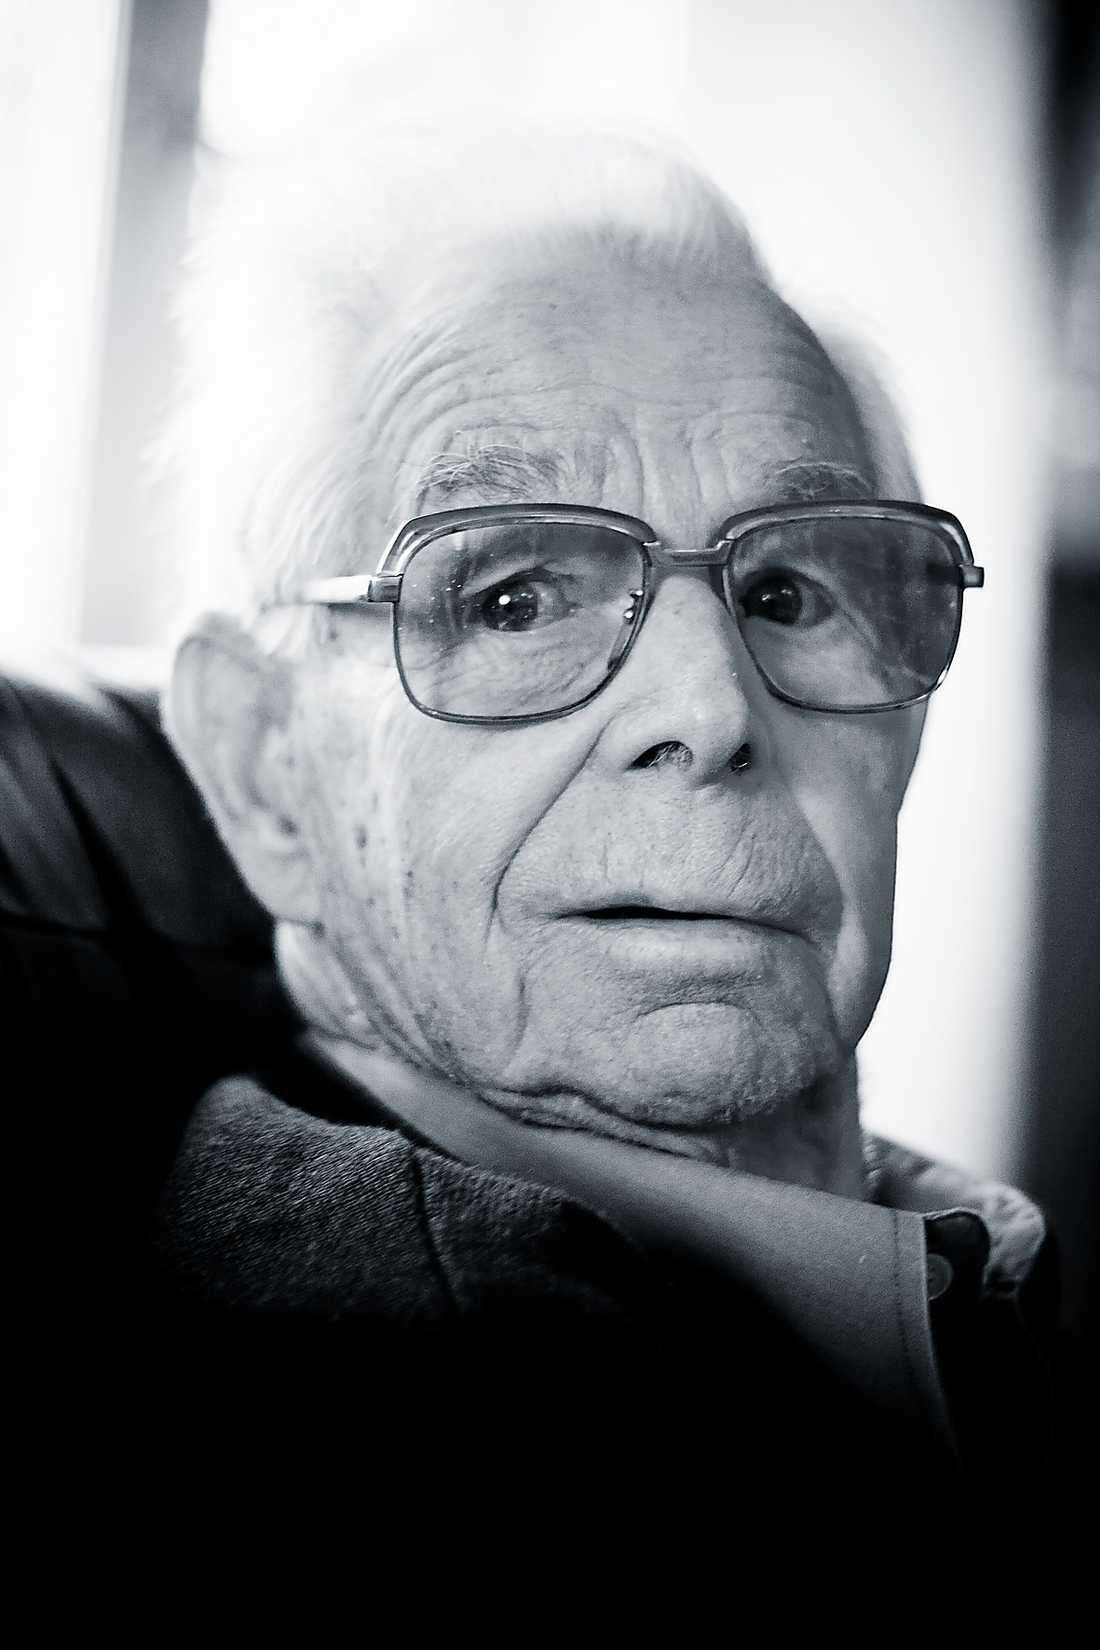 Gösta dog på väg till sjukhuset efter att blödande ha nekats hjälp tre gånger.